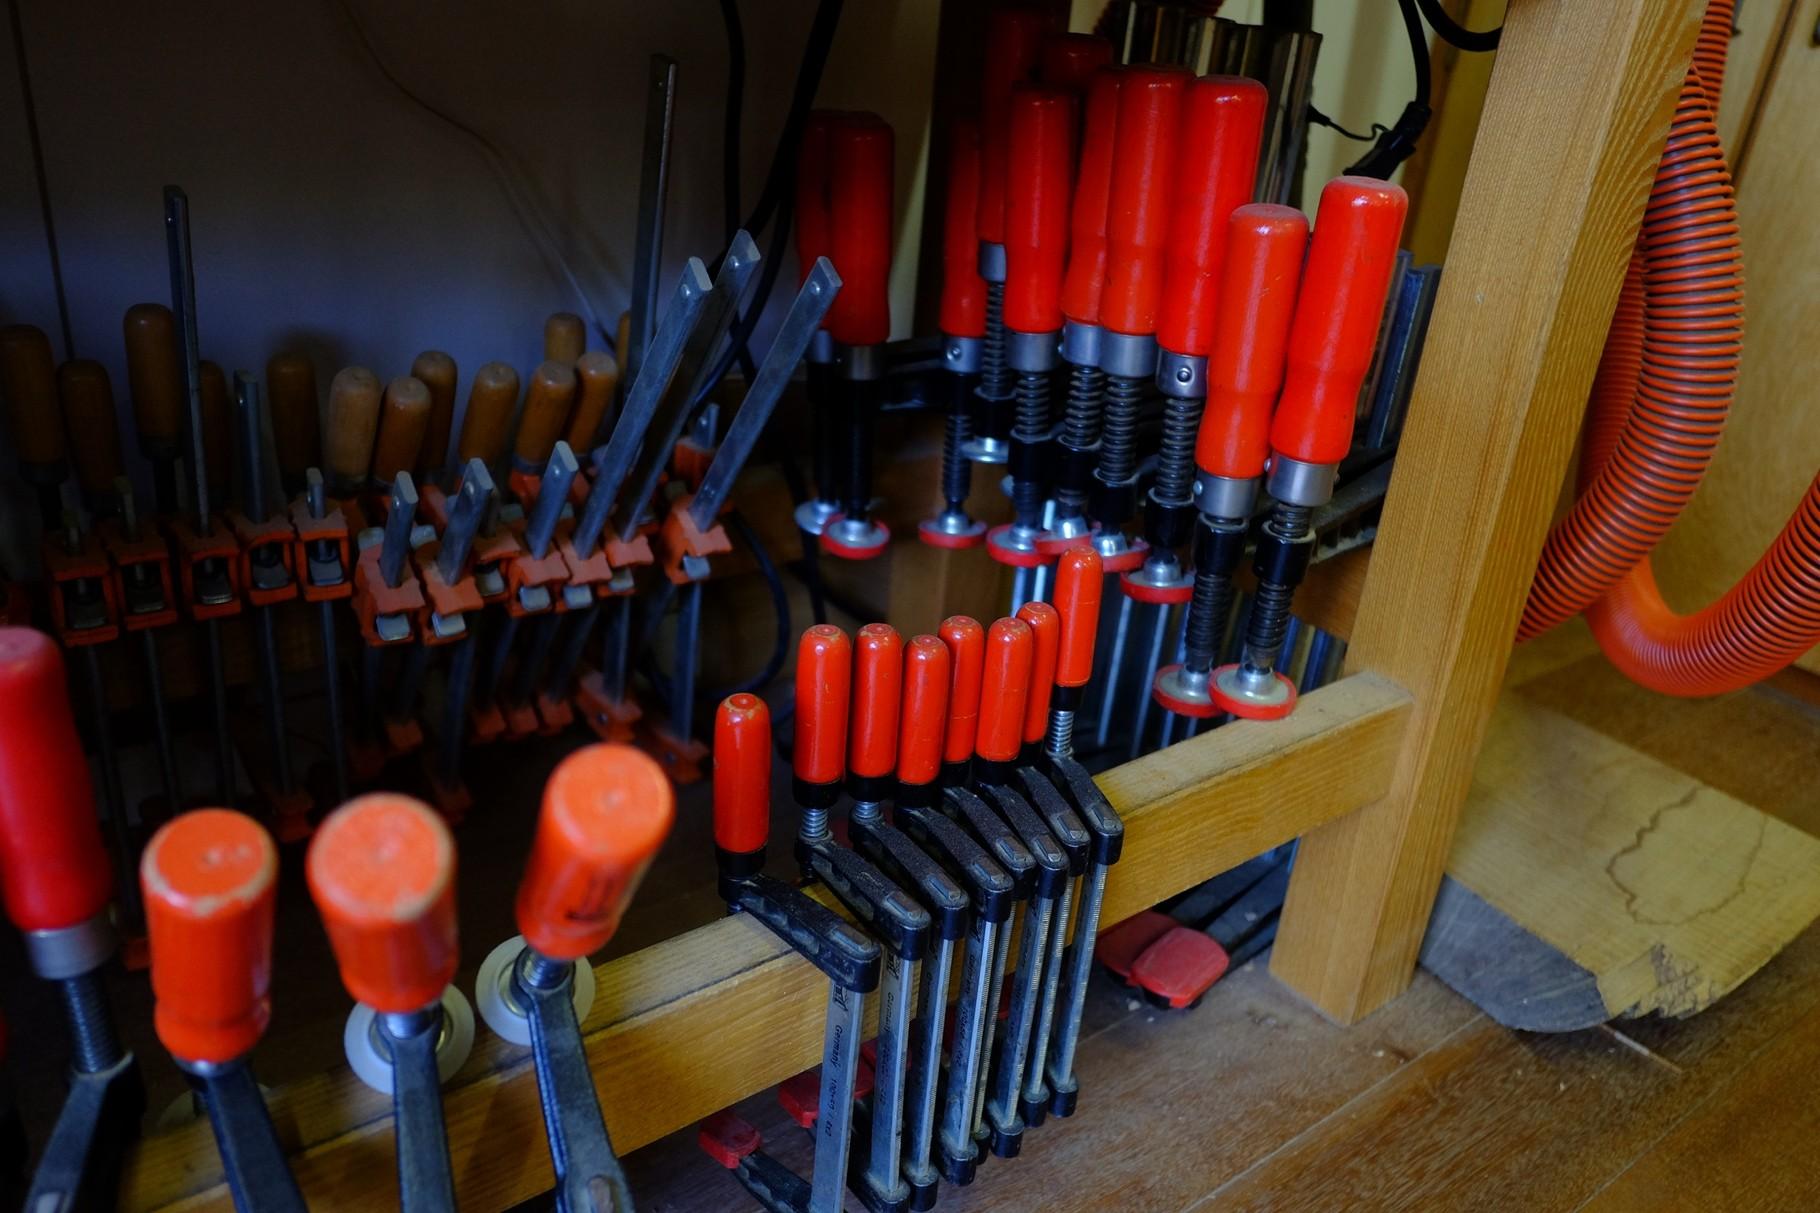 中川さんの相棒の道具1。クランプ類。寄木だからたくさん要るんですね。